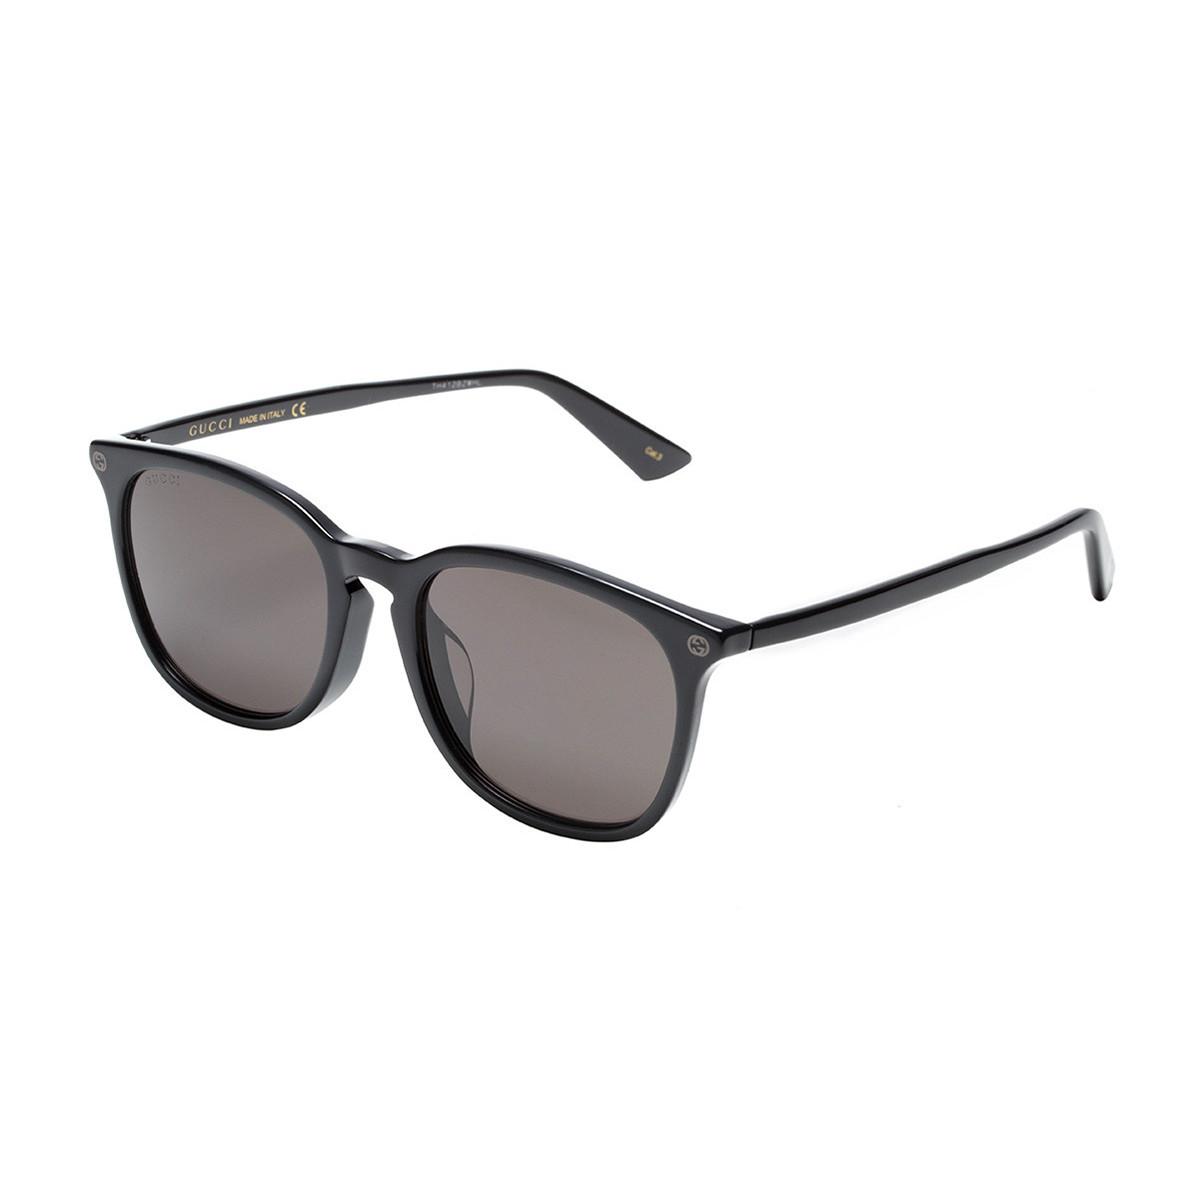 GUCCI古驰明星同款基础系列双Glogo男女款太阳镜 墨镜